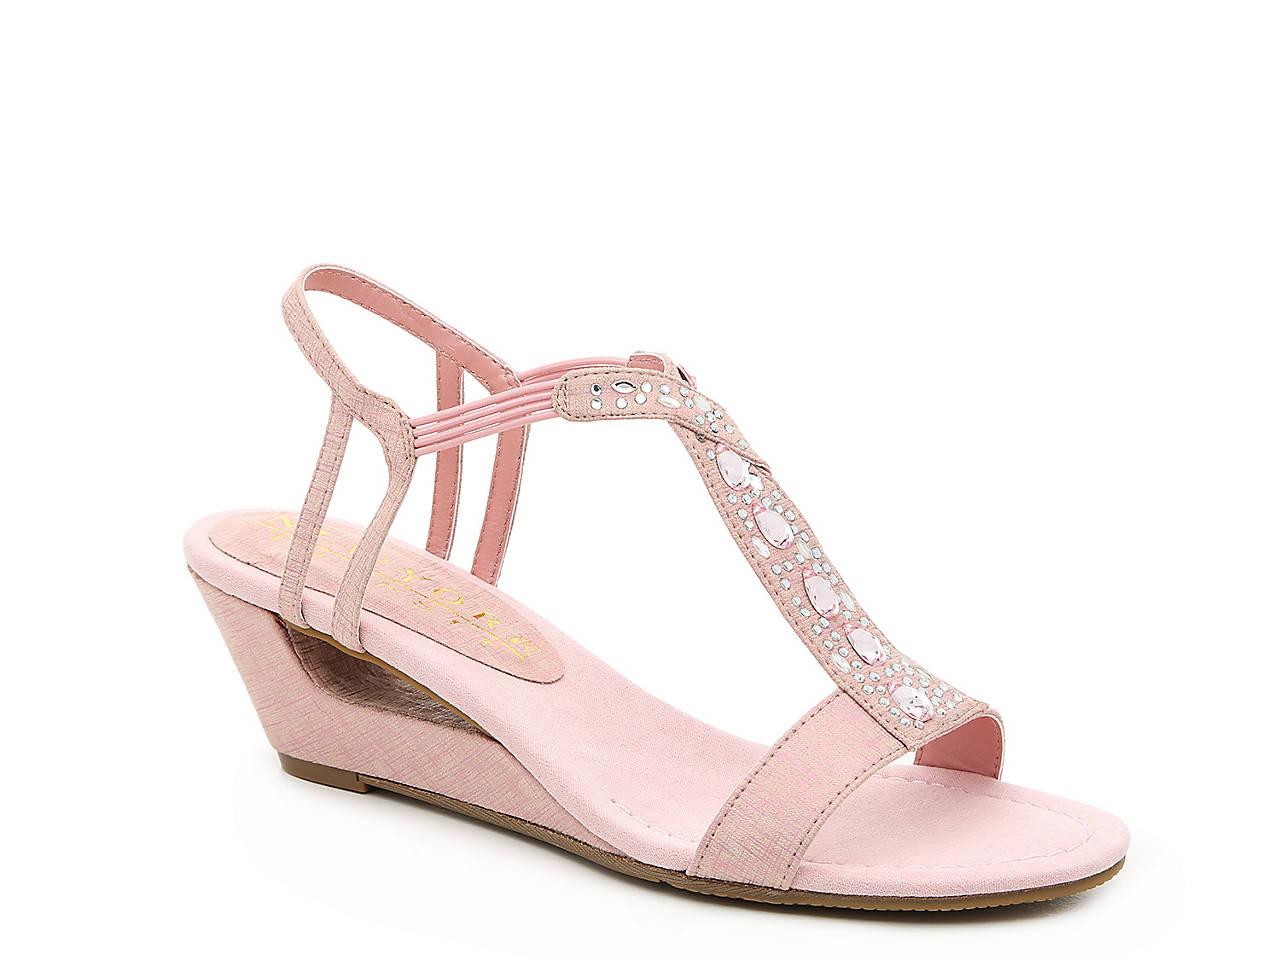 975568b847c Veer This Way Wedge Sandal